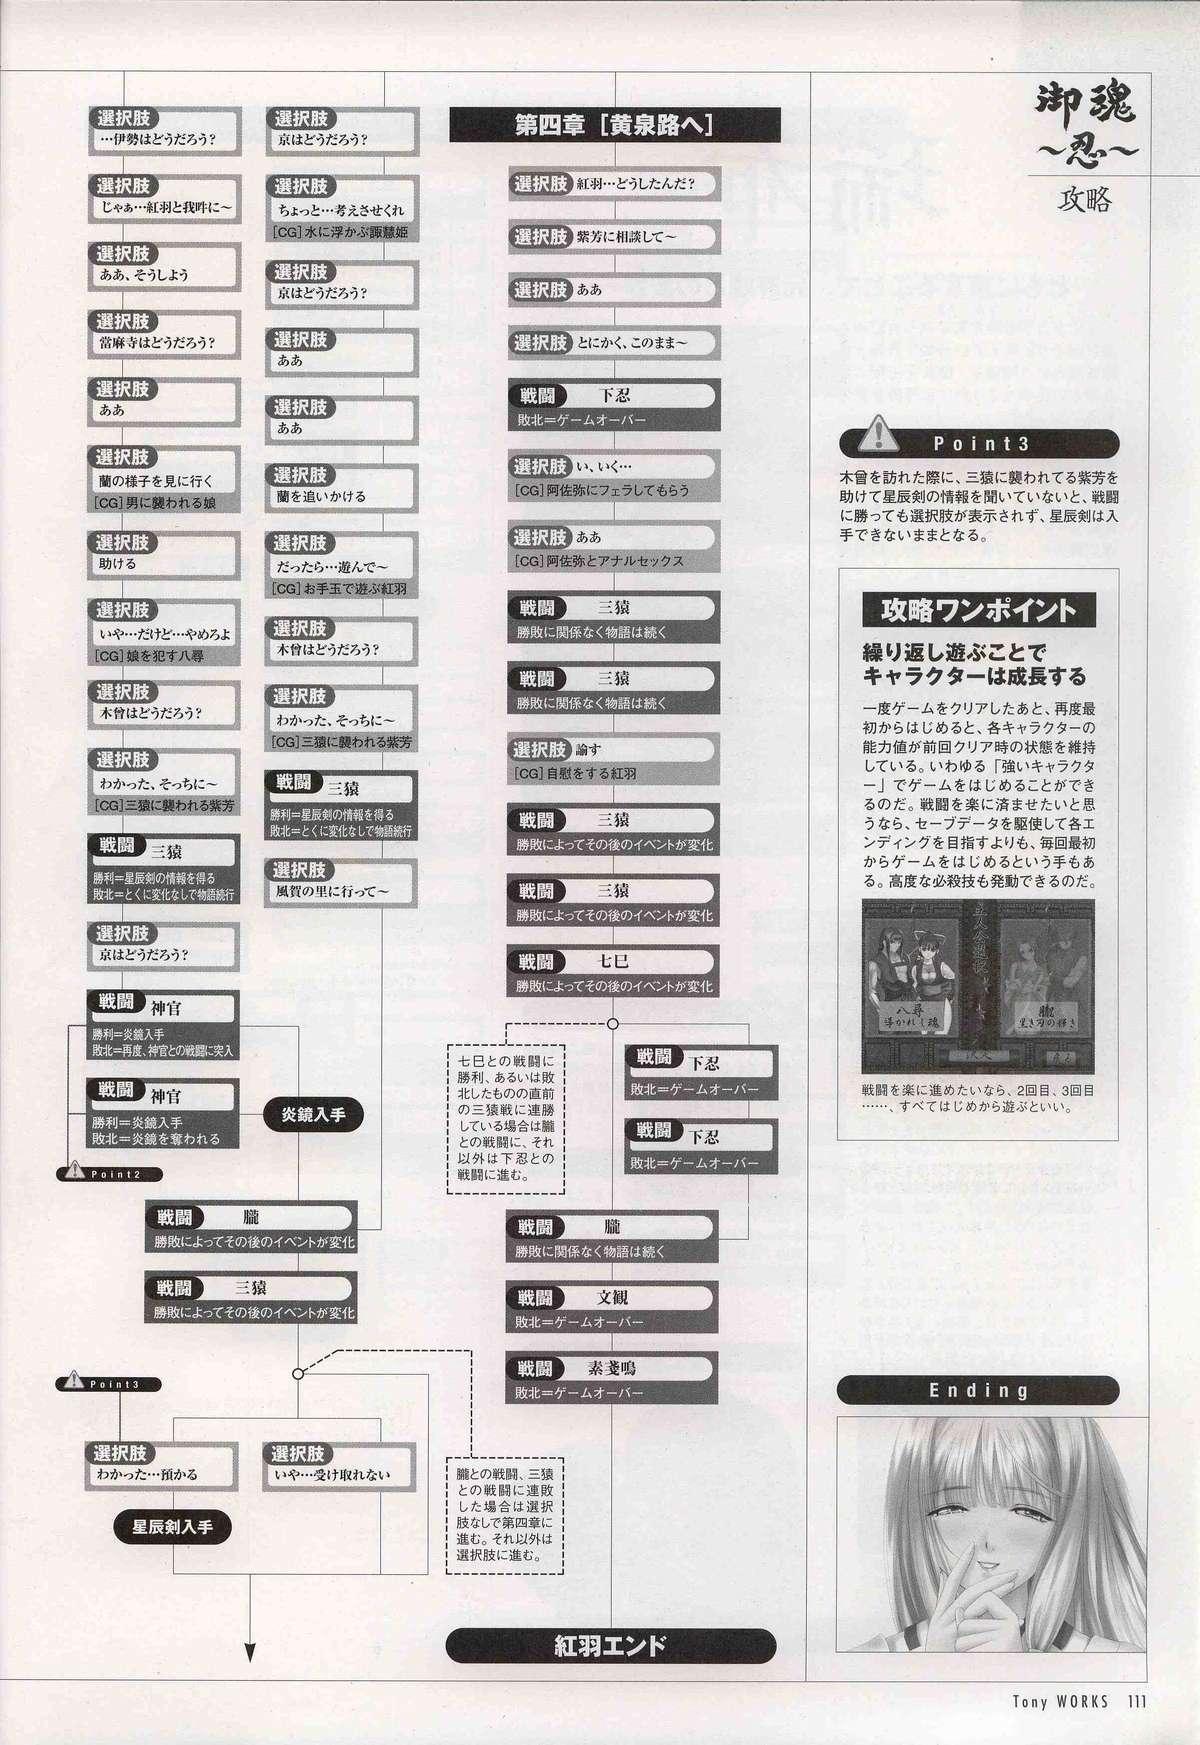 御魂~忍~×ARCANA~光と闇のエクスタシス~二作品原画 115